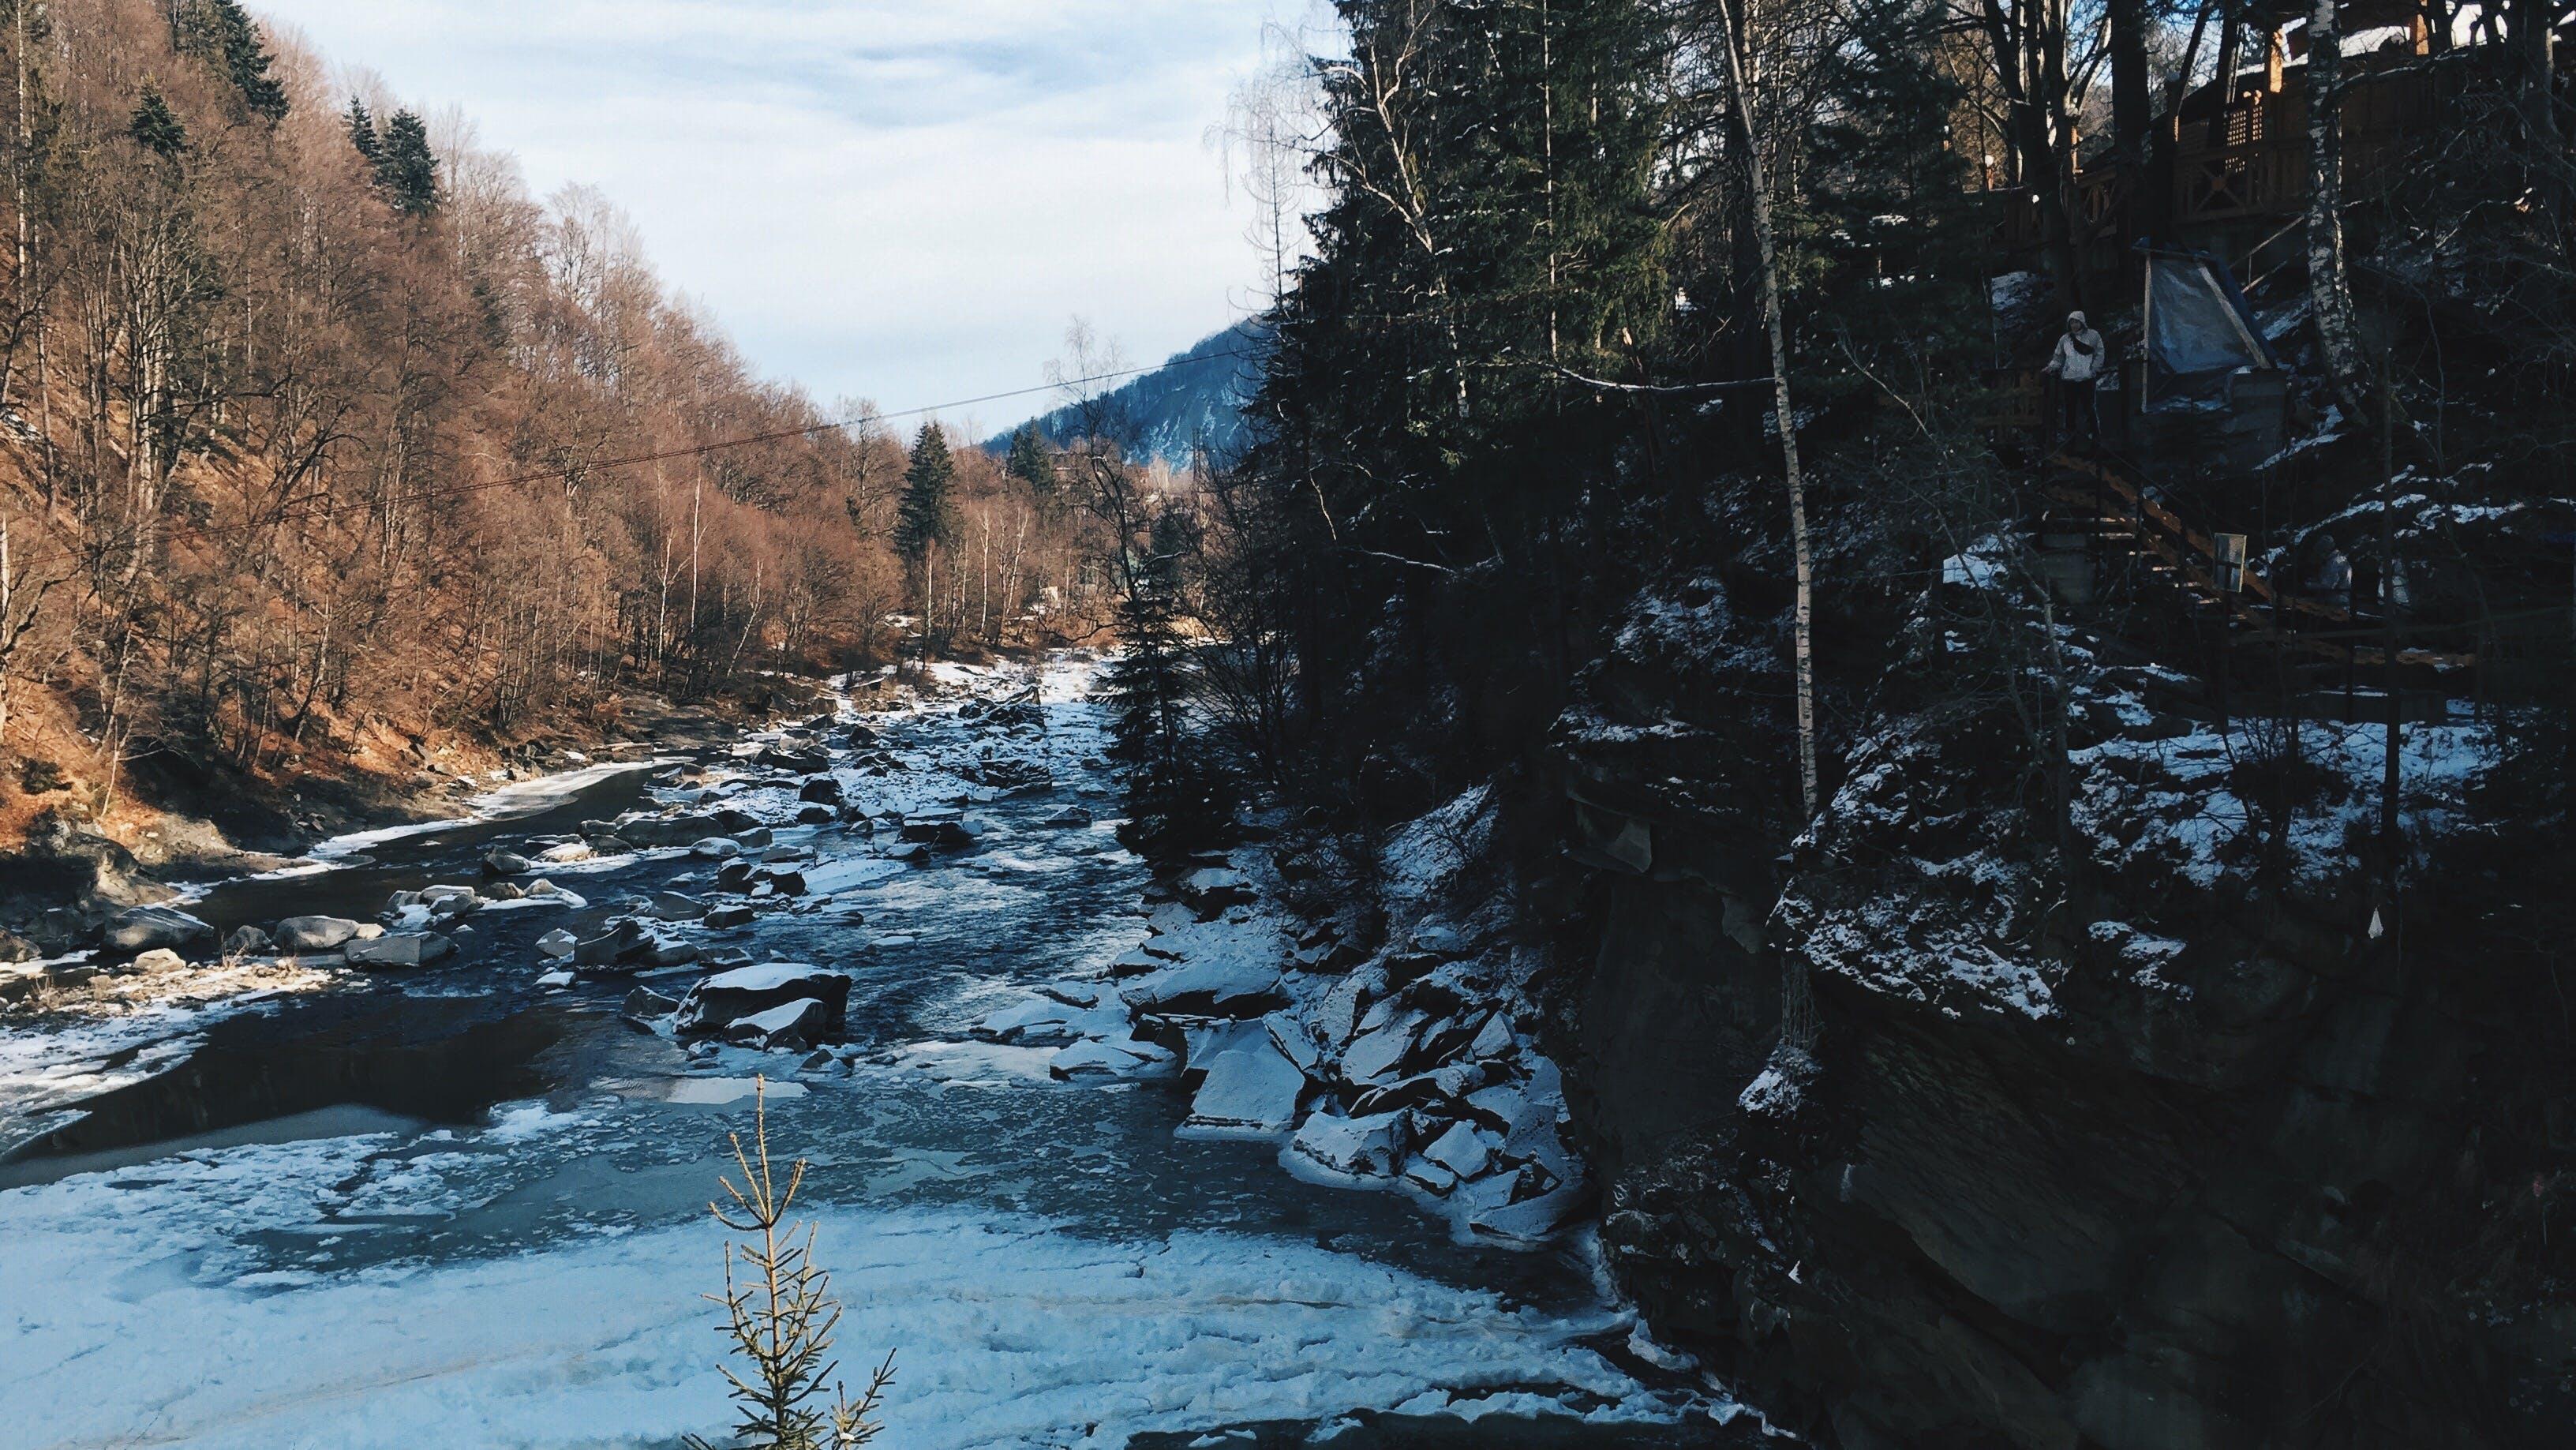 Free stock photo of mountains, trees, mountain, ice